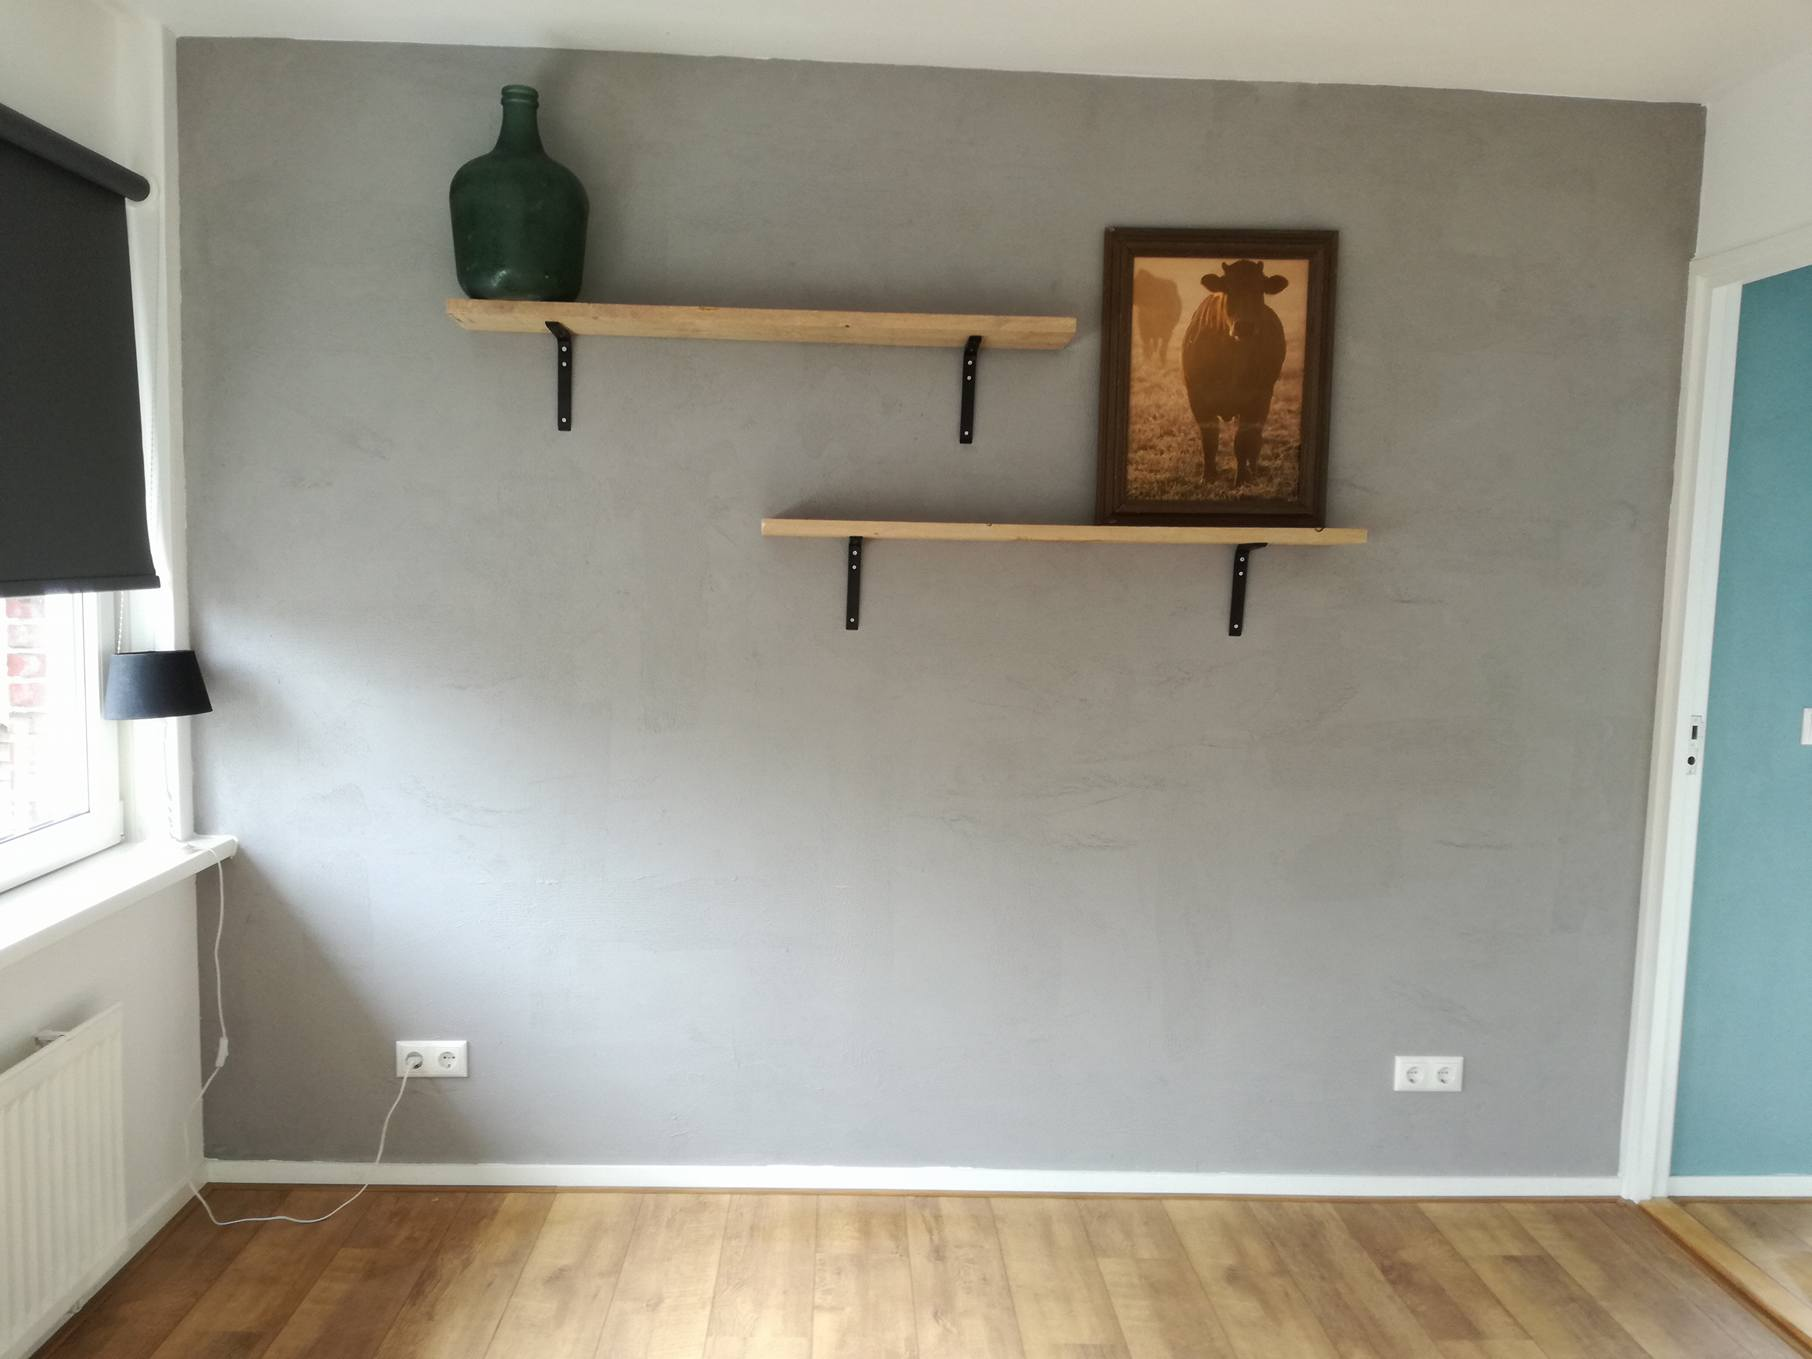 slaapkamer-betonmuur